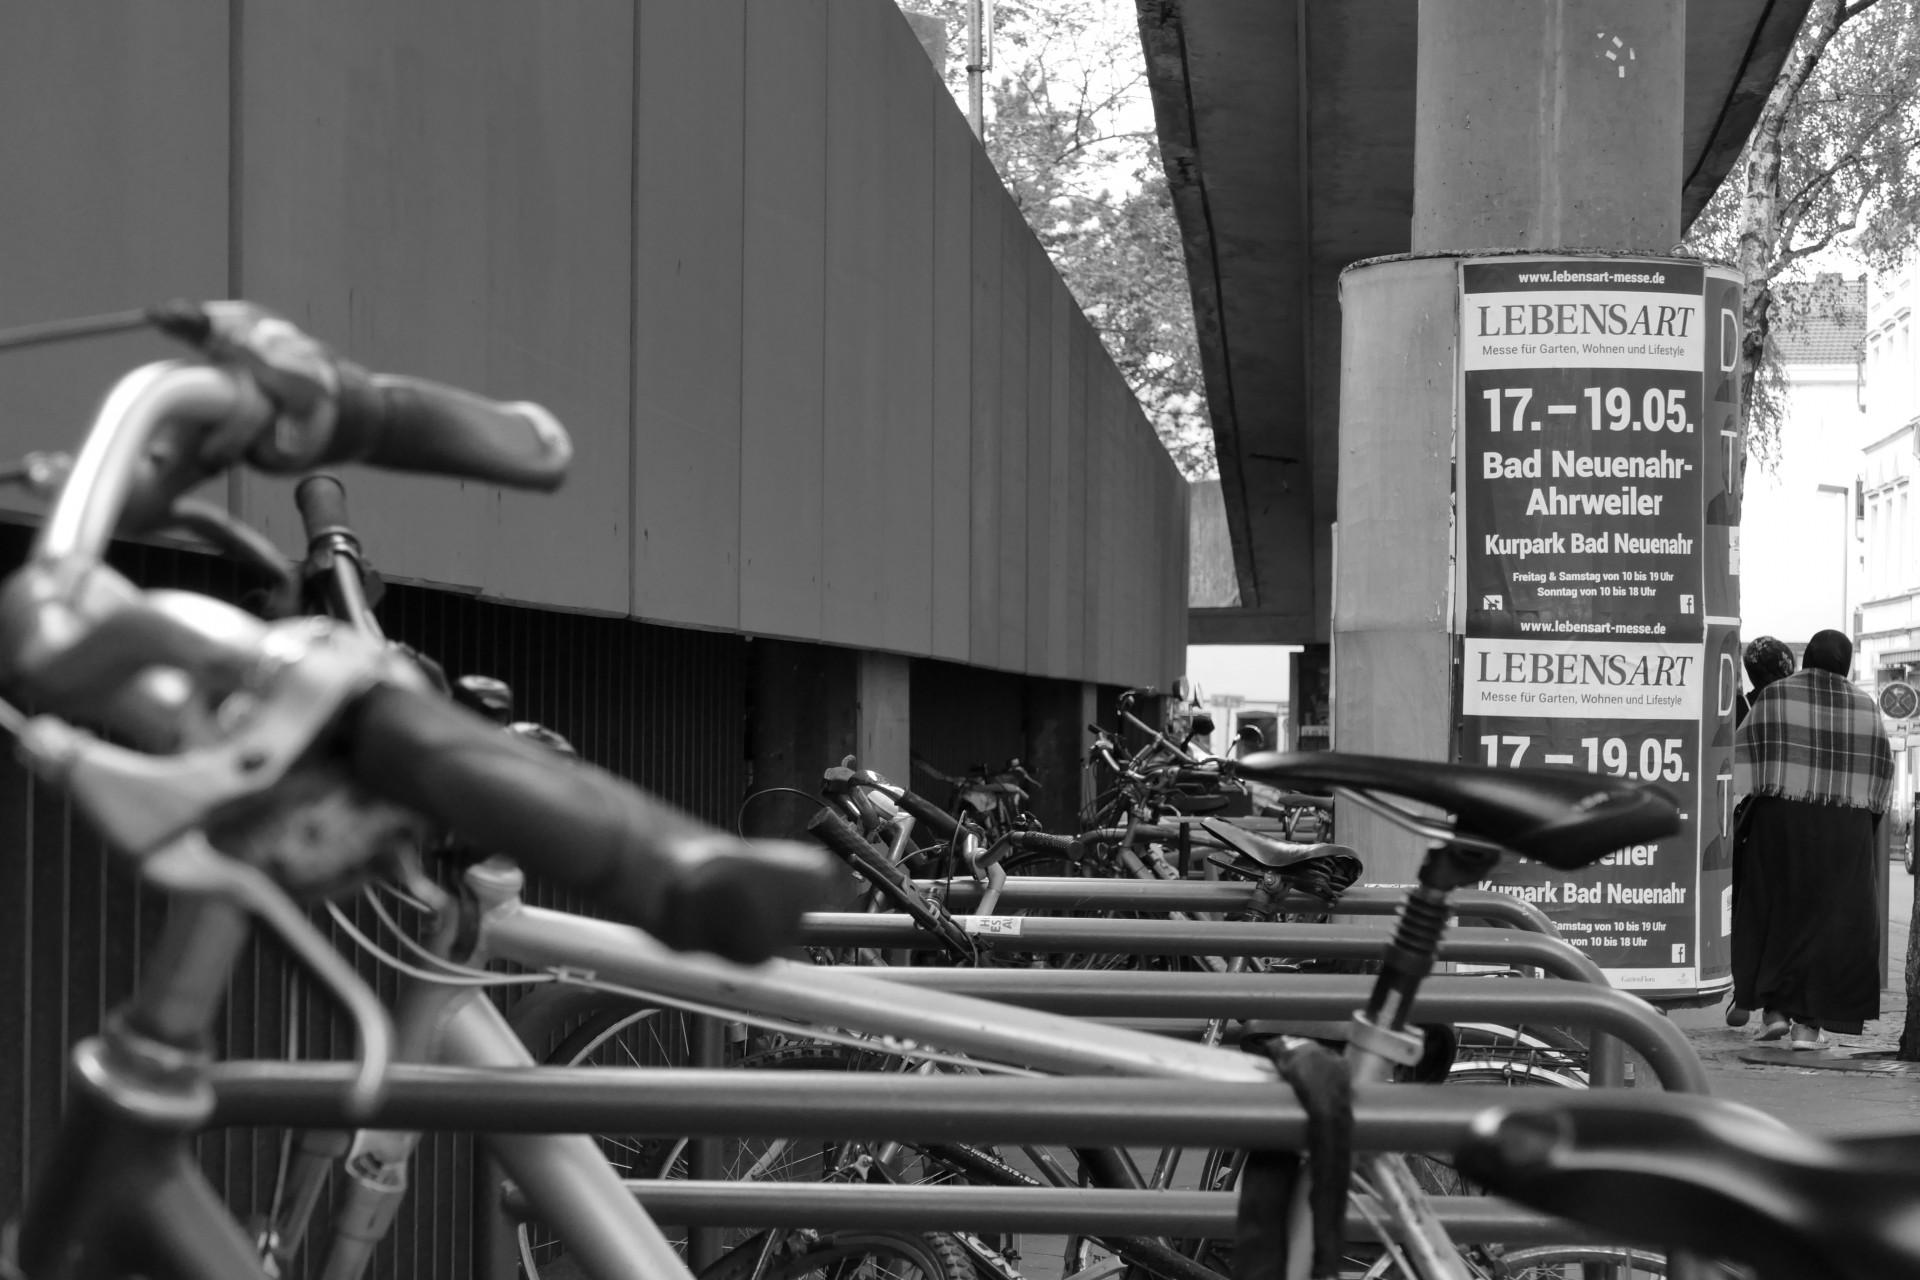 Fahrräder am Stadthaus f/3.8 1/160sec ISO-400 27.88mm